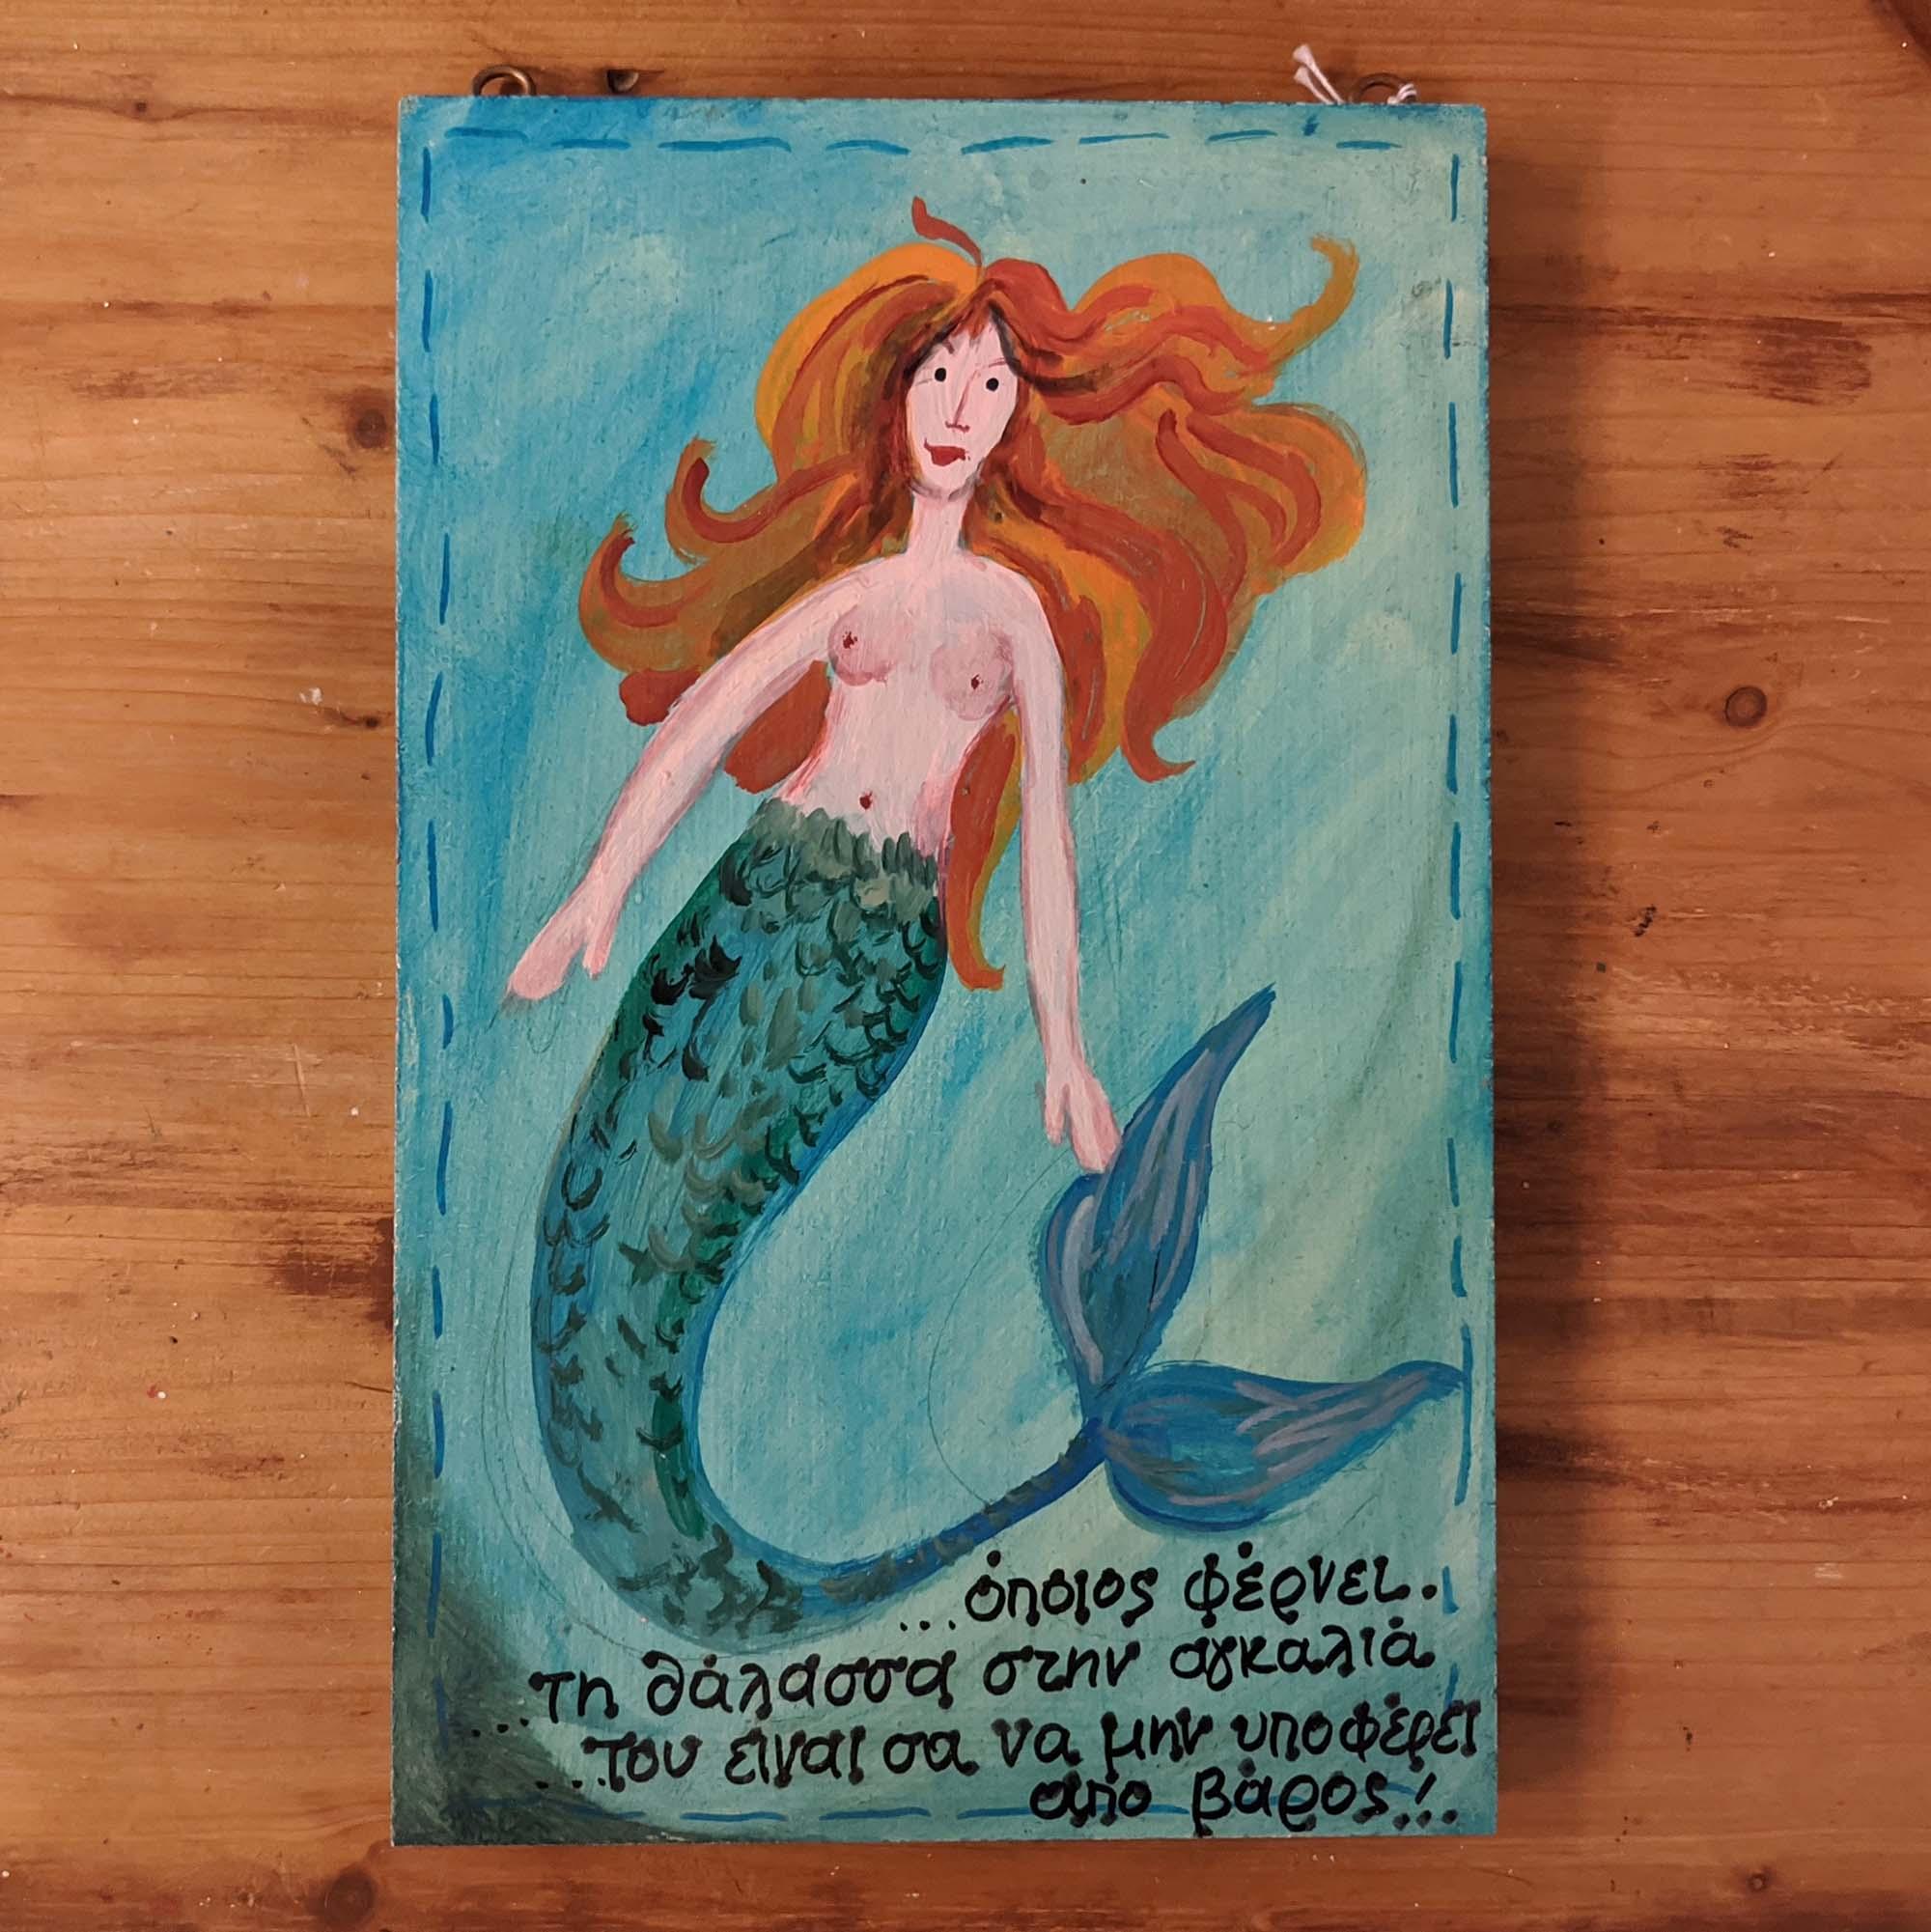 Ξύλινος πίνακας, ..όποιος φέρνει…τη θάλασσα στην αγκαλιά